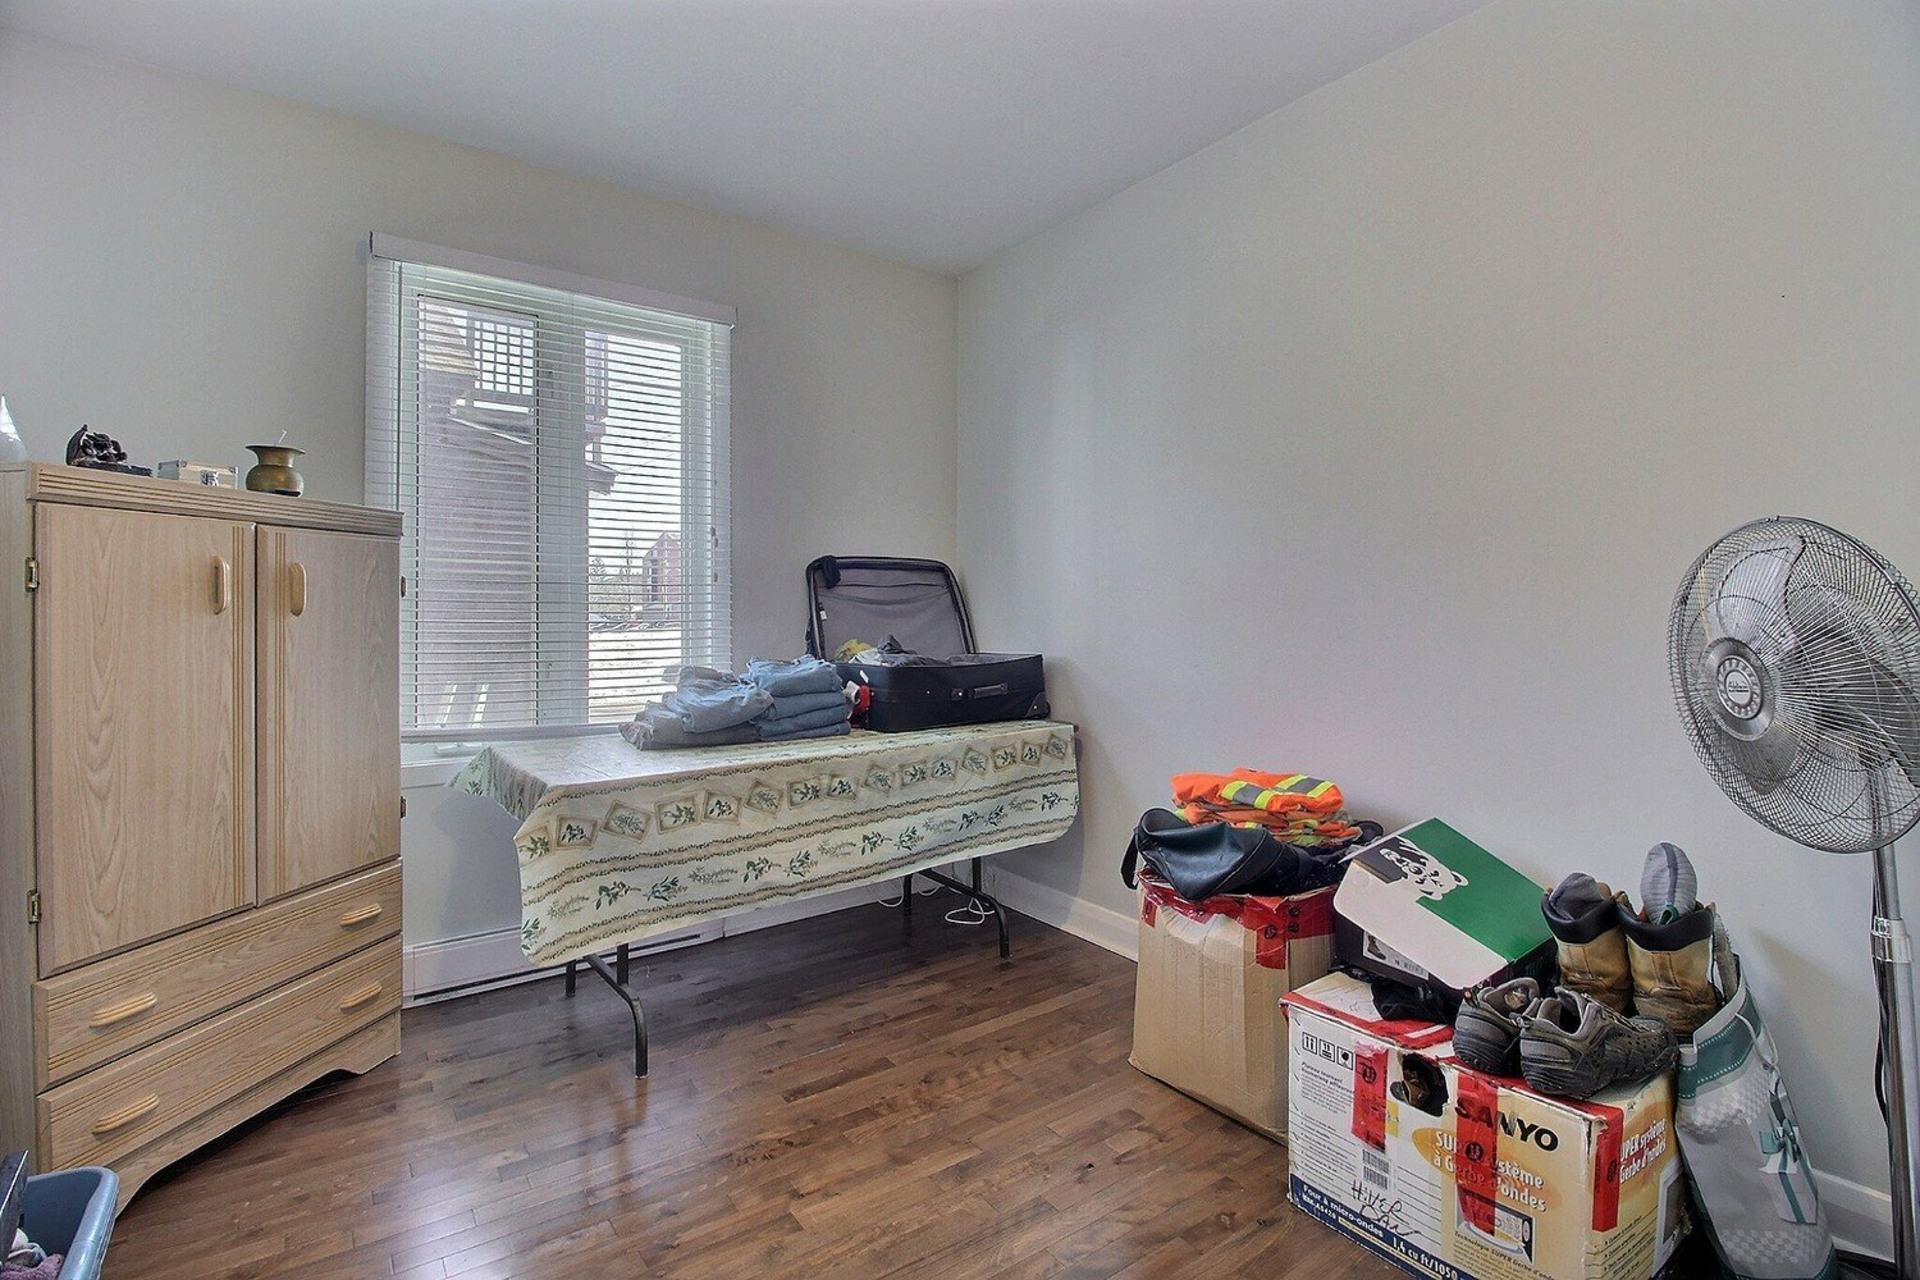 image 27 - Duplex For sale Joliette - 5 rooms